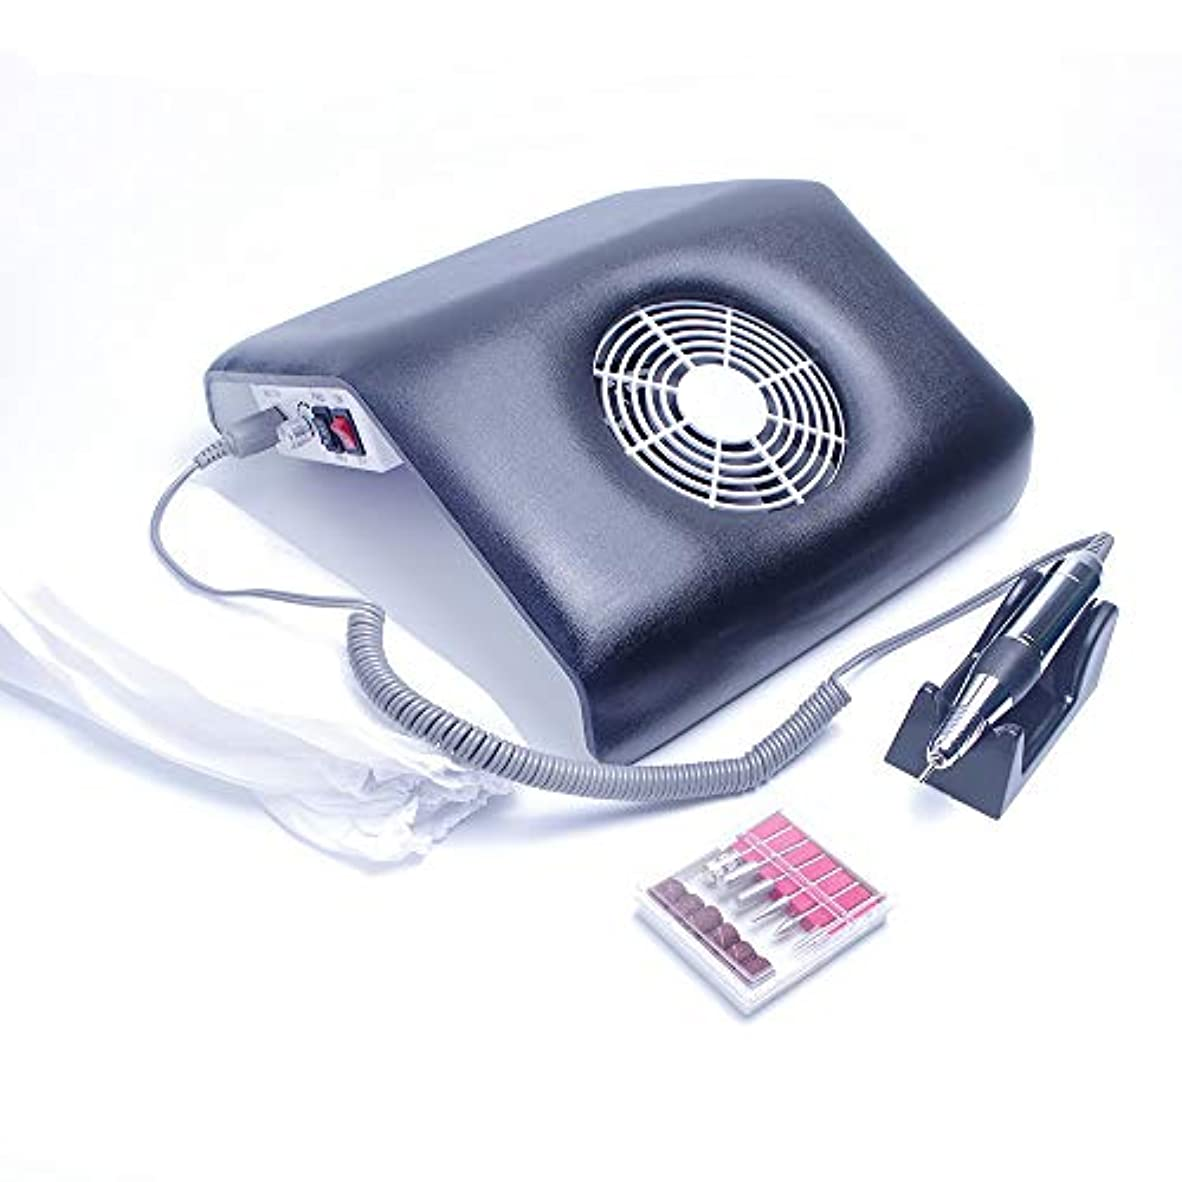 ライオンアウトドア高い集塵機 ネイル ダストコレクター ネイルドリル ネイルマシーン ネイルマシン 電動ネイルファイル 電動ネイルケア ネイルオフ ジェルネイルオフ ジェルオフ セルフネイル